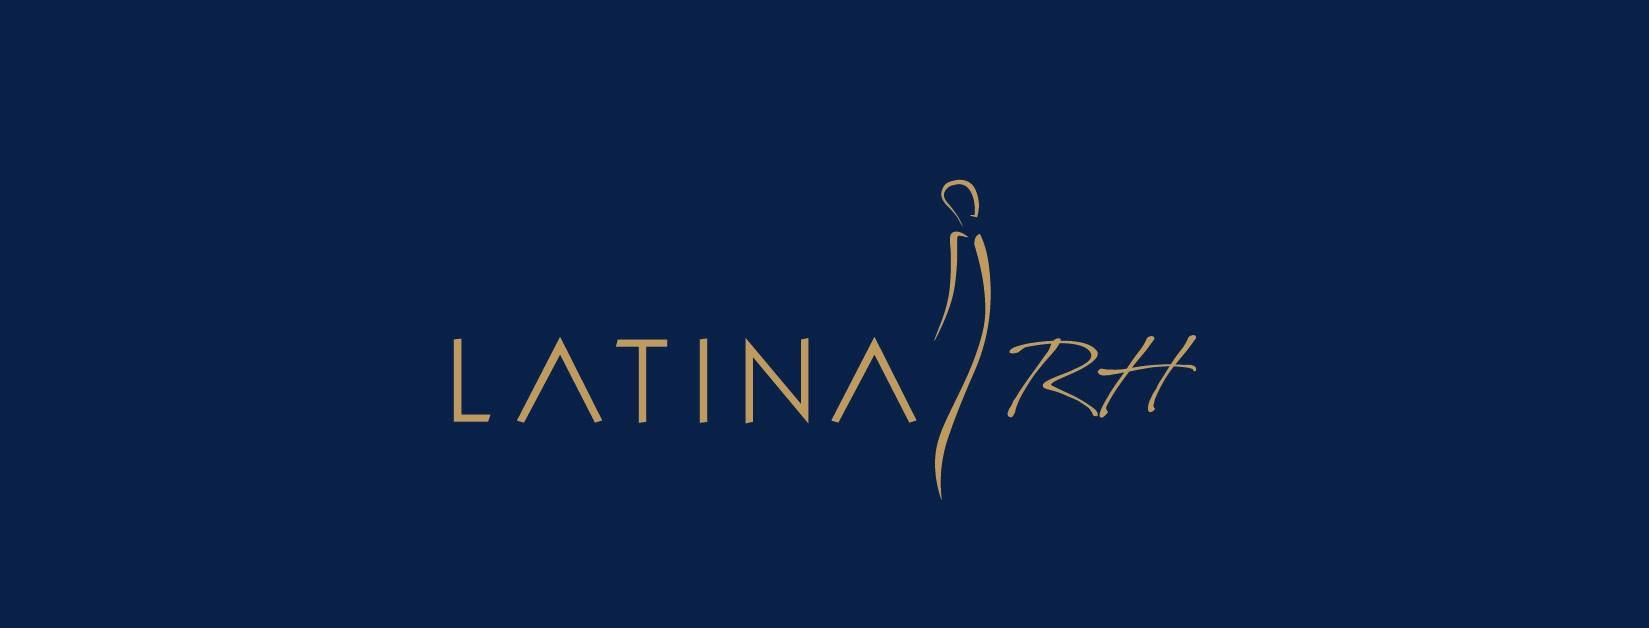 LATINA RH - ELIANA OTONDO